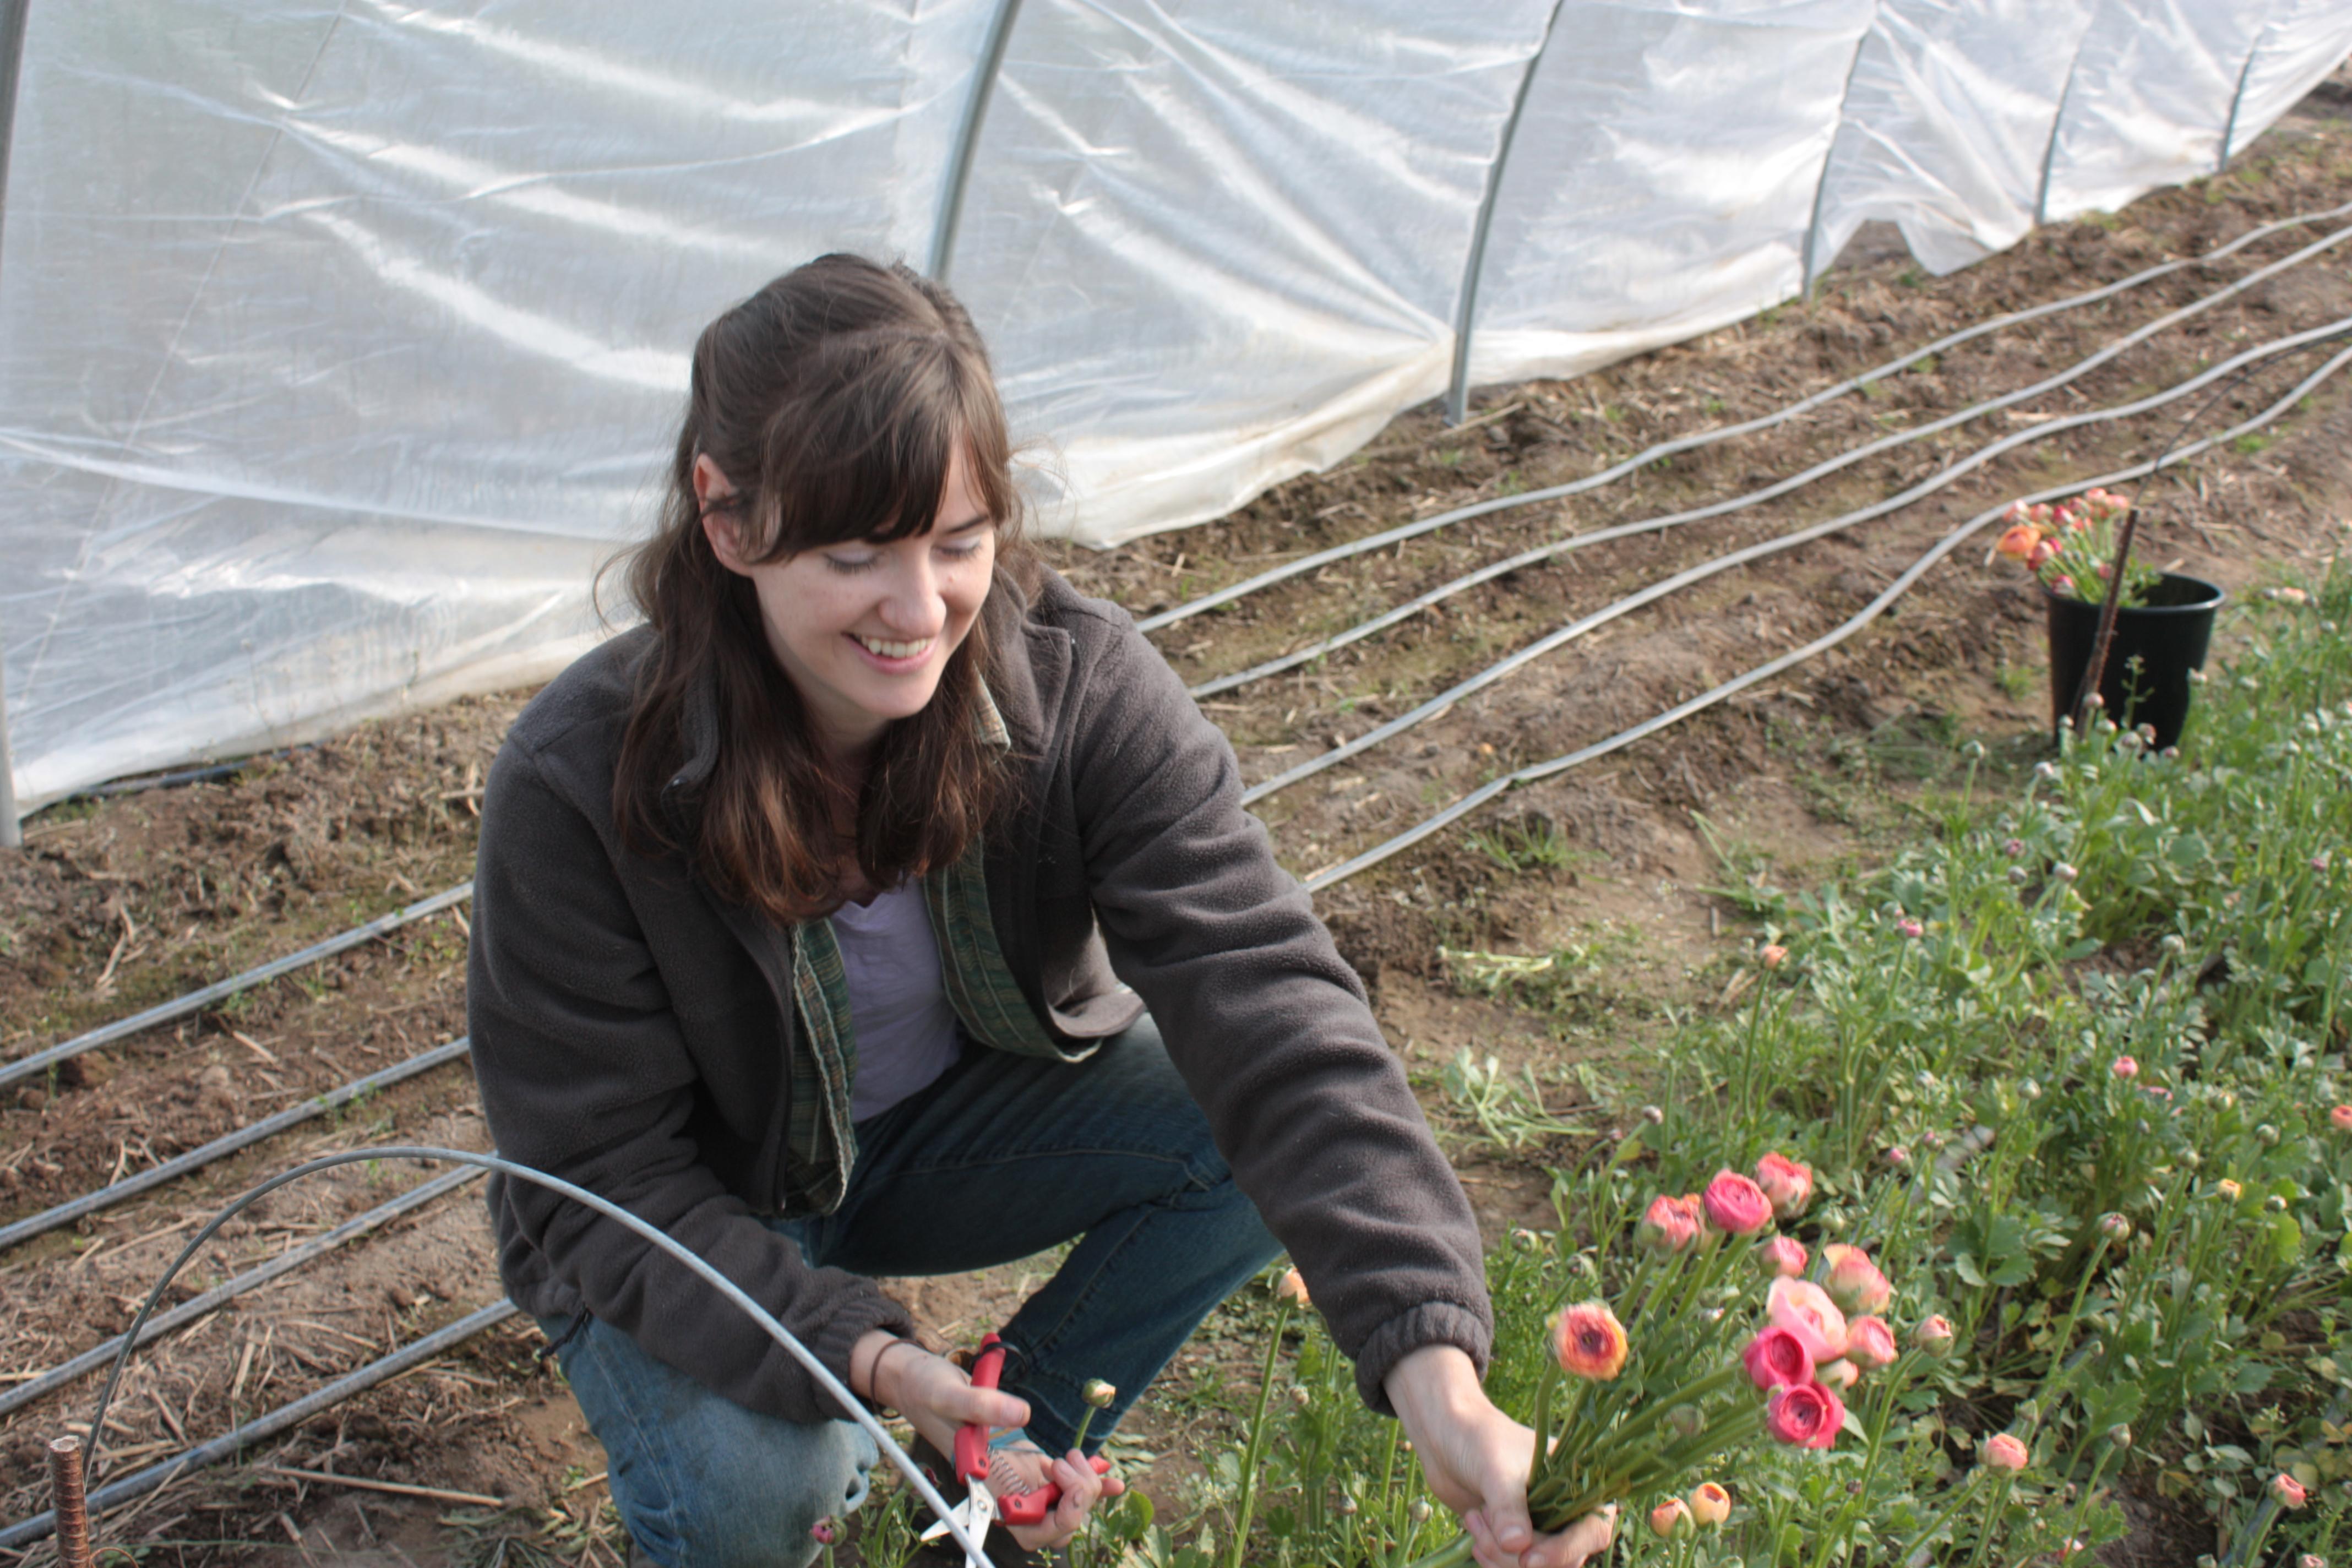 alyssa of Sweet Alyssum Farm